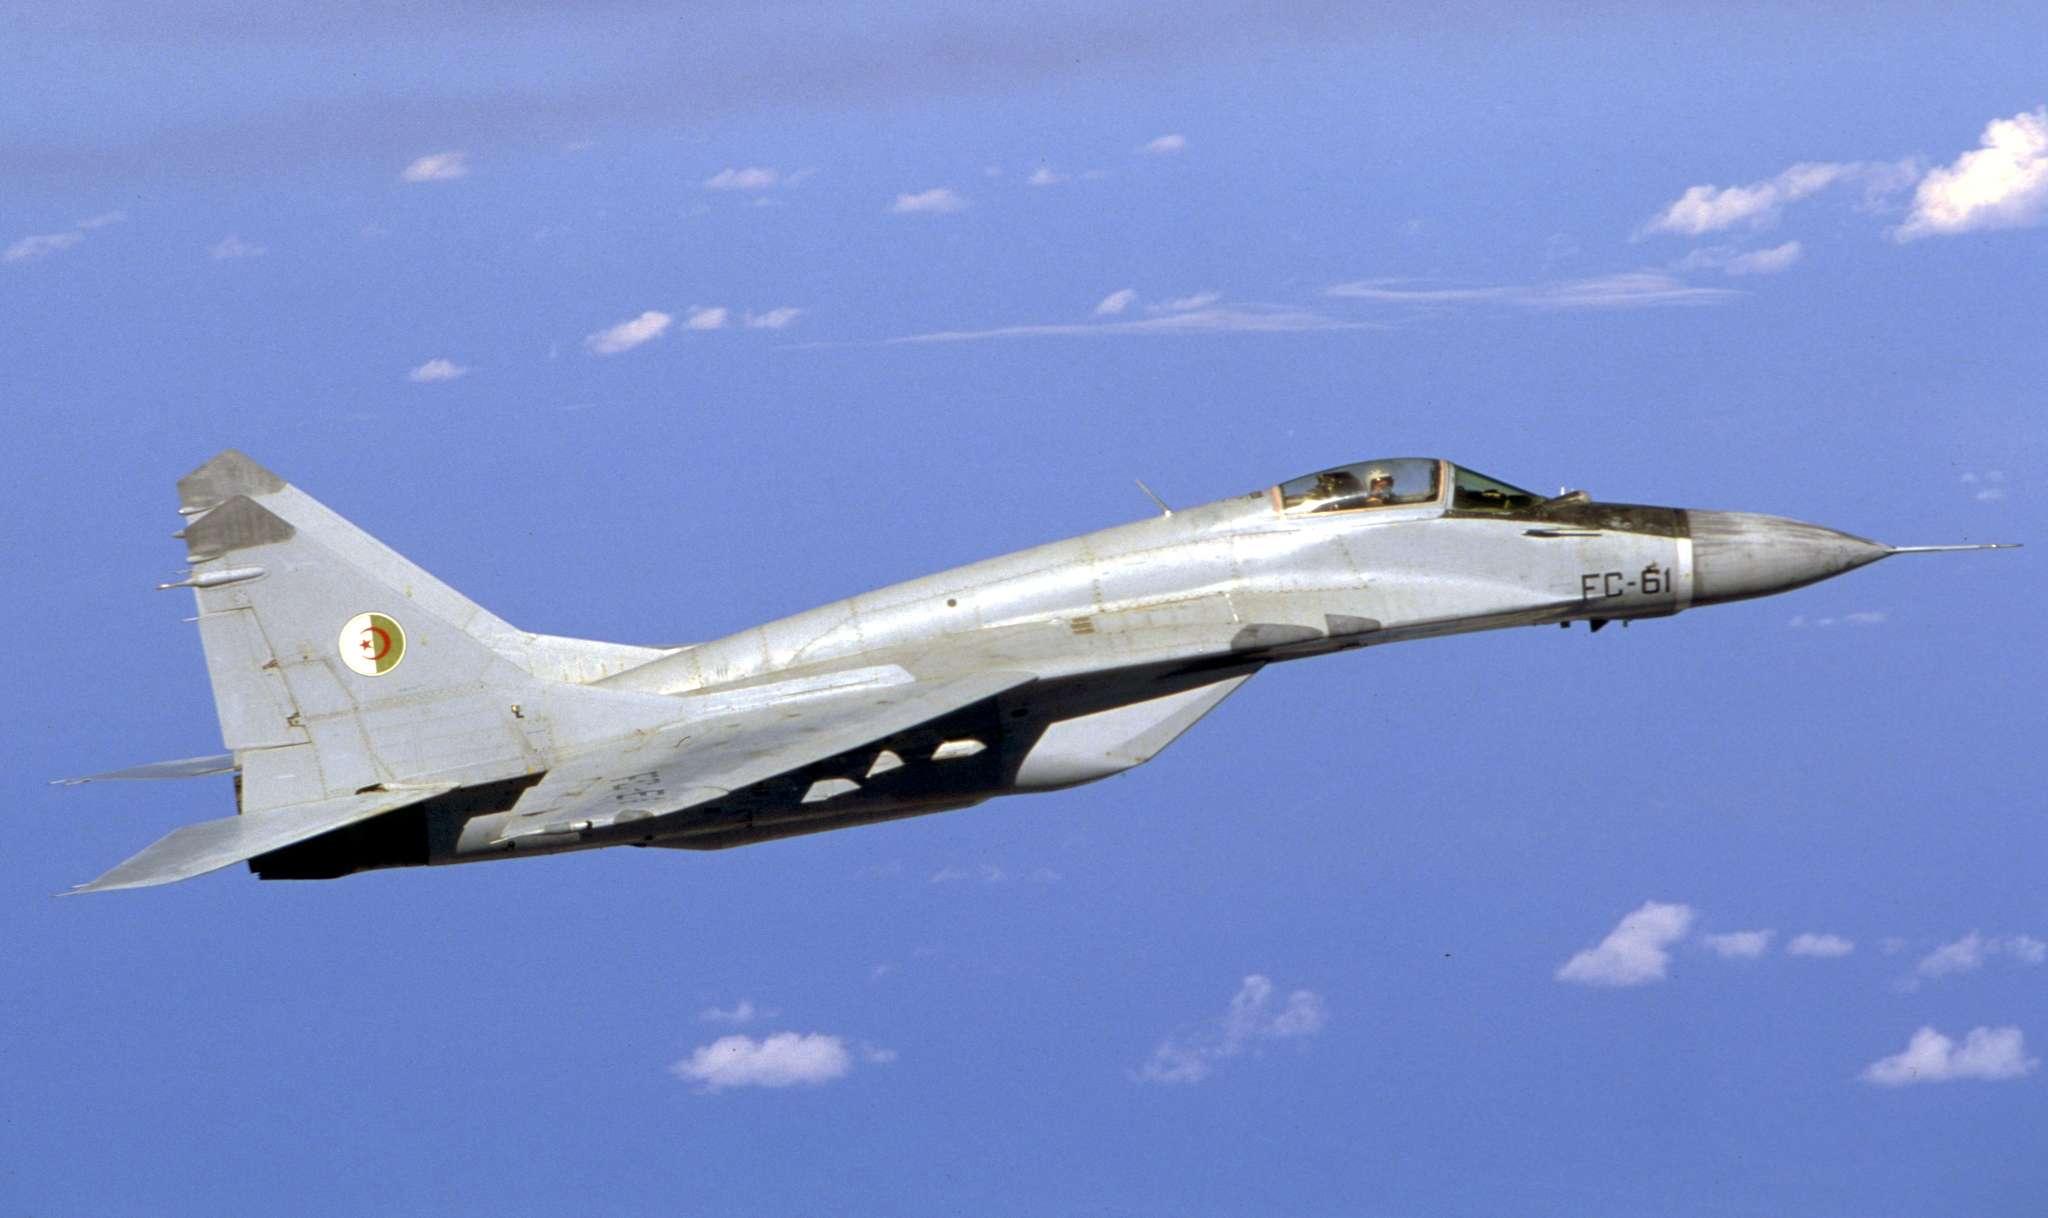 صور طائرات القوات الجوية الجزائرية  [ MIG-29S/UB / Fulcrum ] 26842592864_529794c824_o